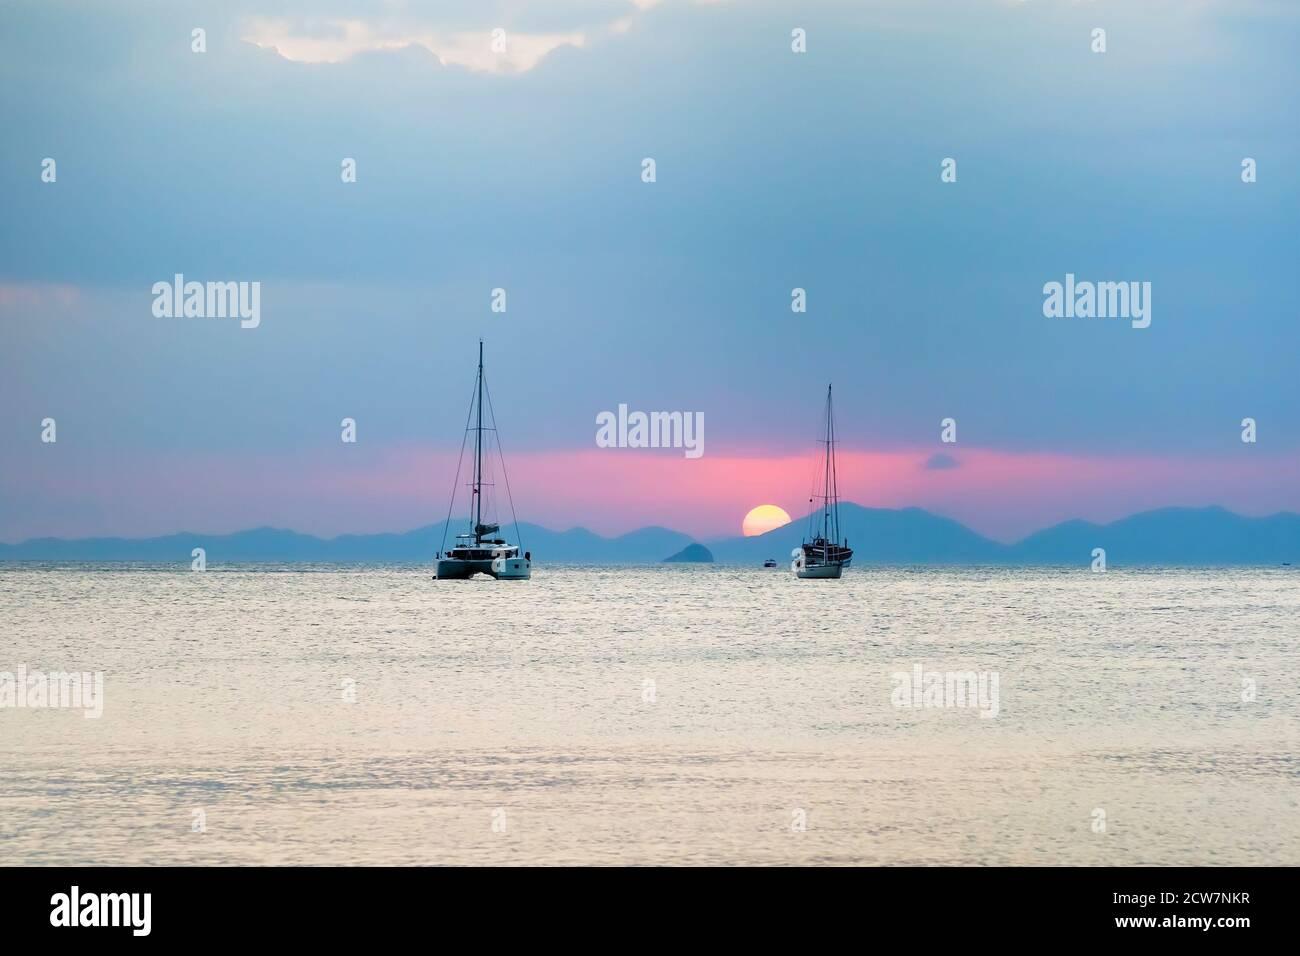 Tres veleros en el mar. Durante el atardecer, el sol se pone sobre las montañas. Foto de stock